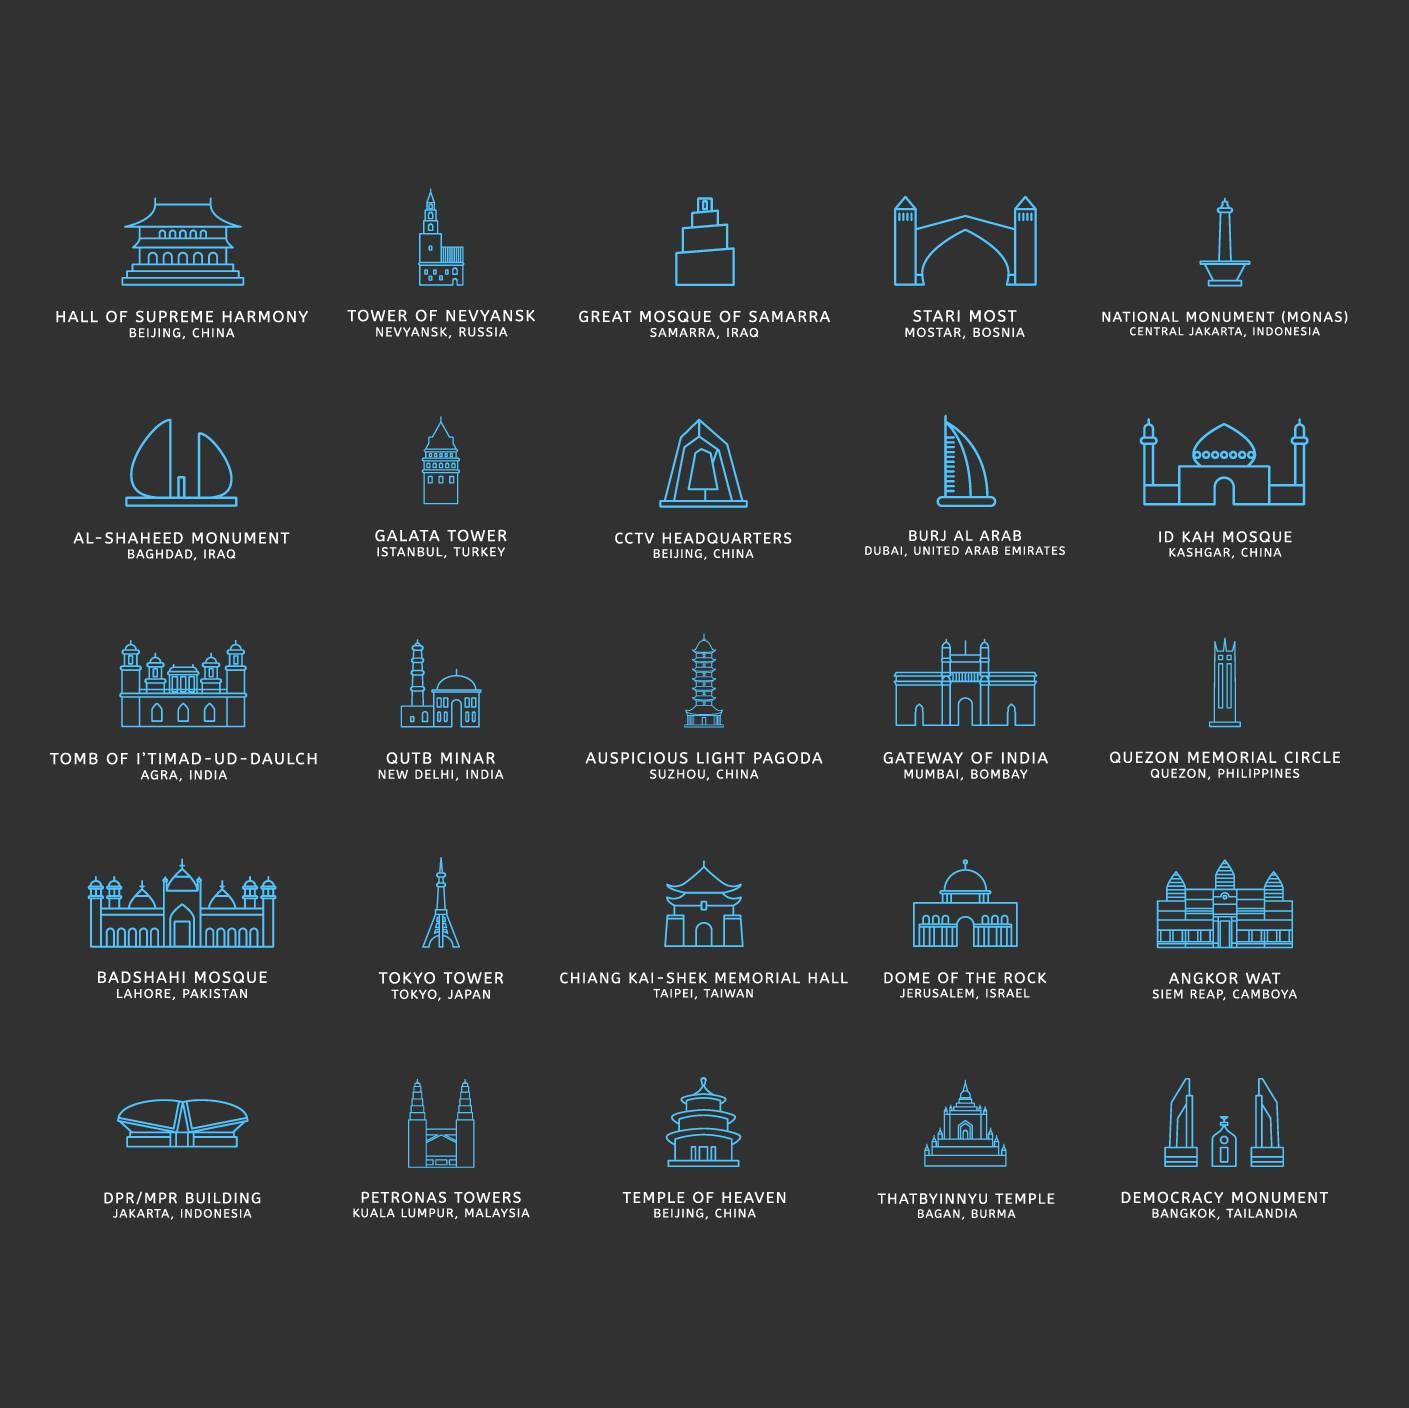 全世界地标建筑轮廓图创意设计集合